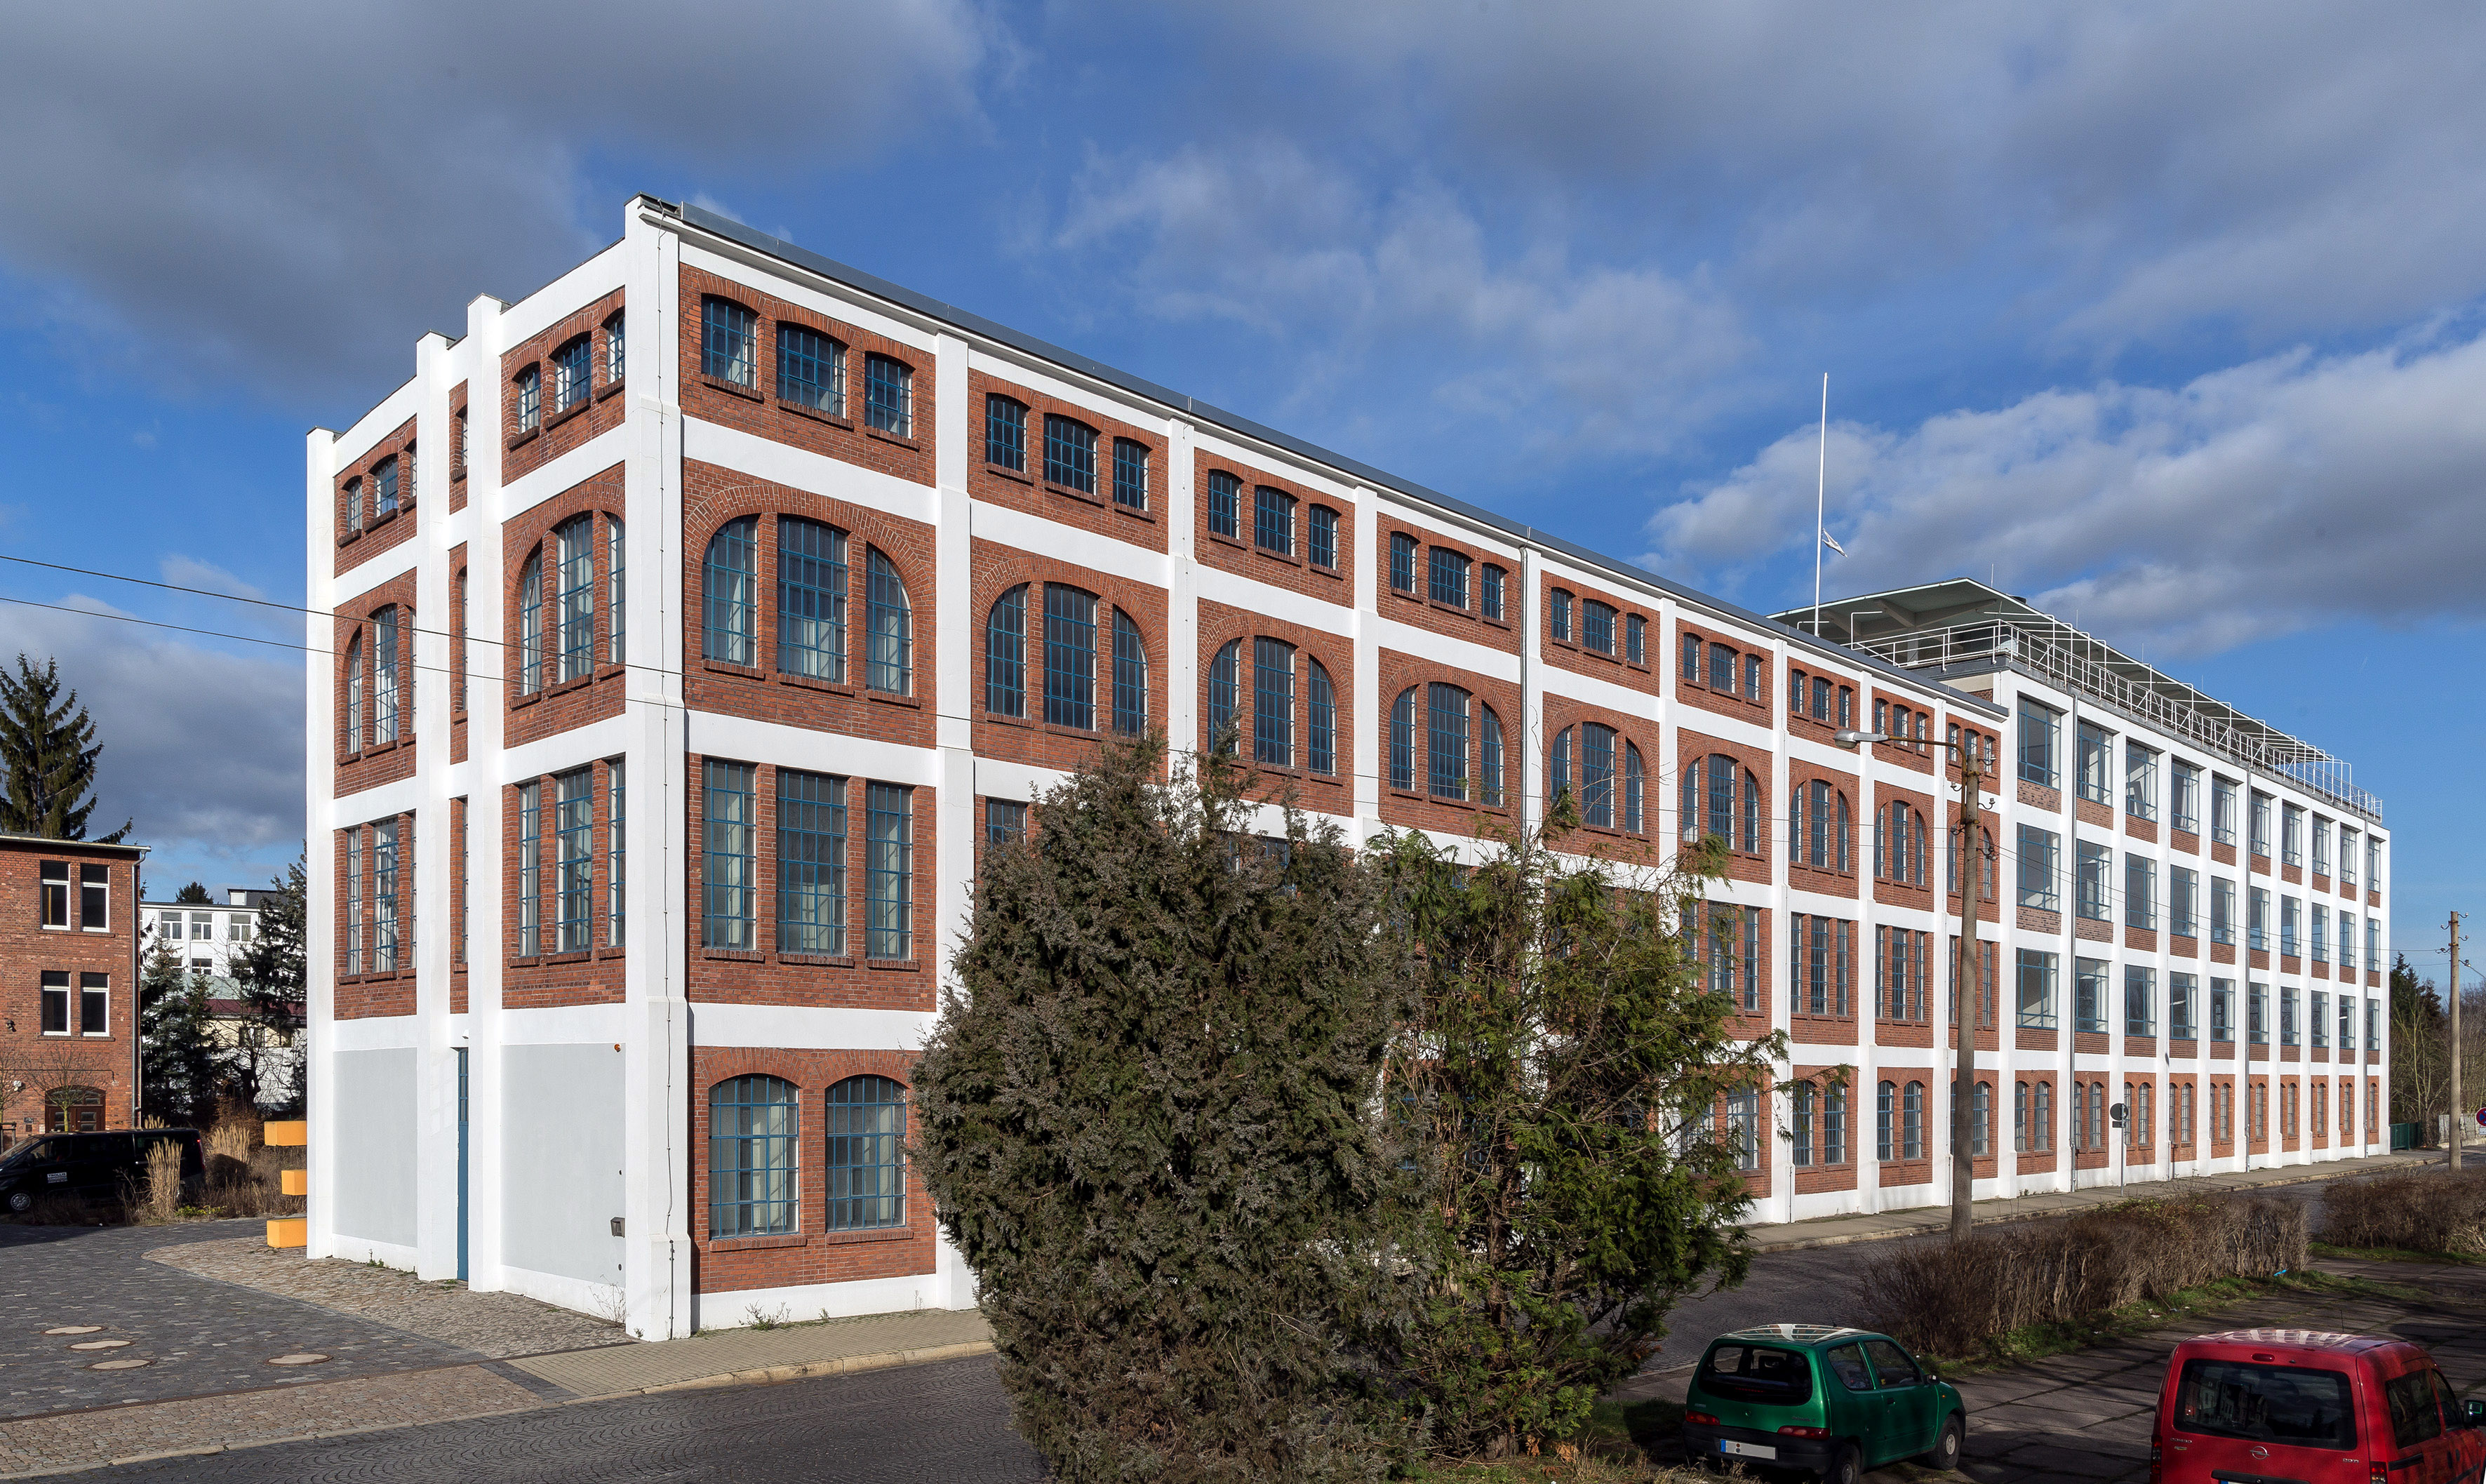 Viergeschossiger Industriebau, klar gegliederter mit großen rundbogigen Fenstern